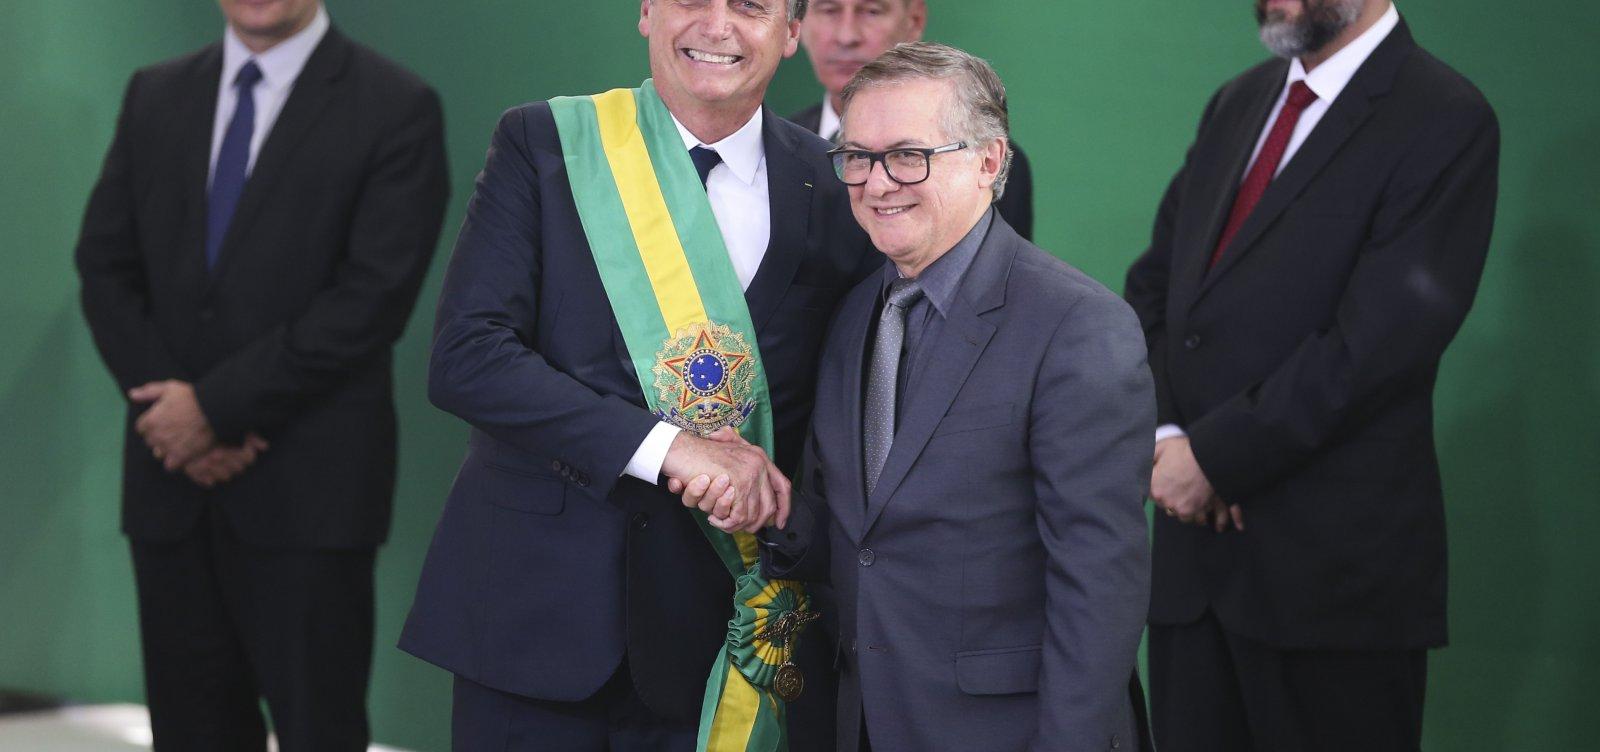 Governo gostaria que Vélez pedisse demissão do Ministério da Educação